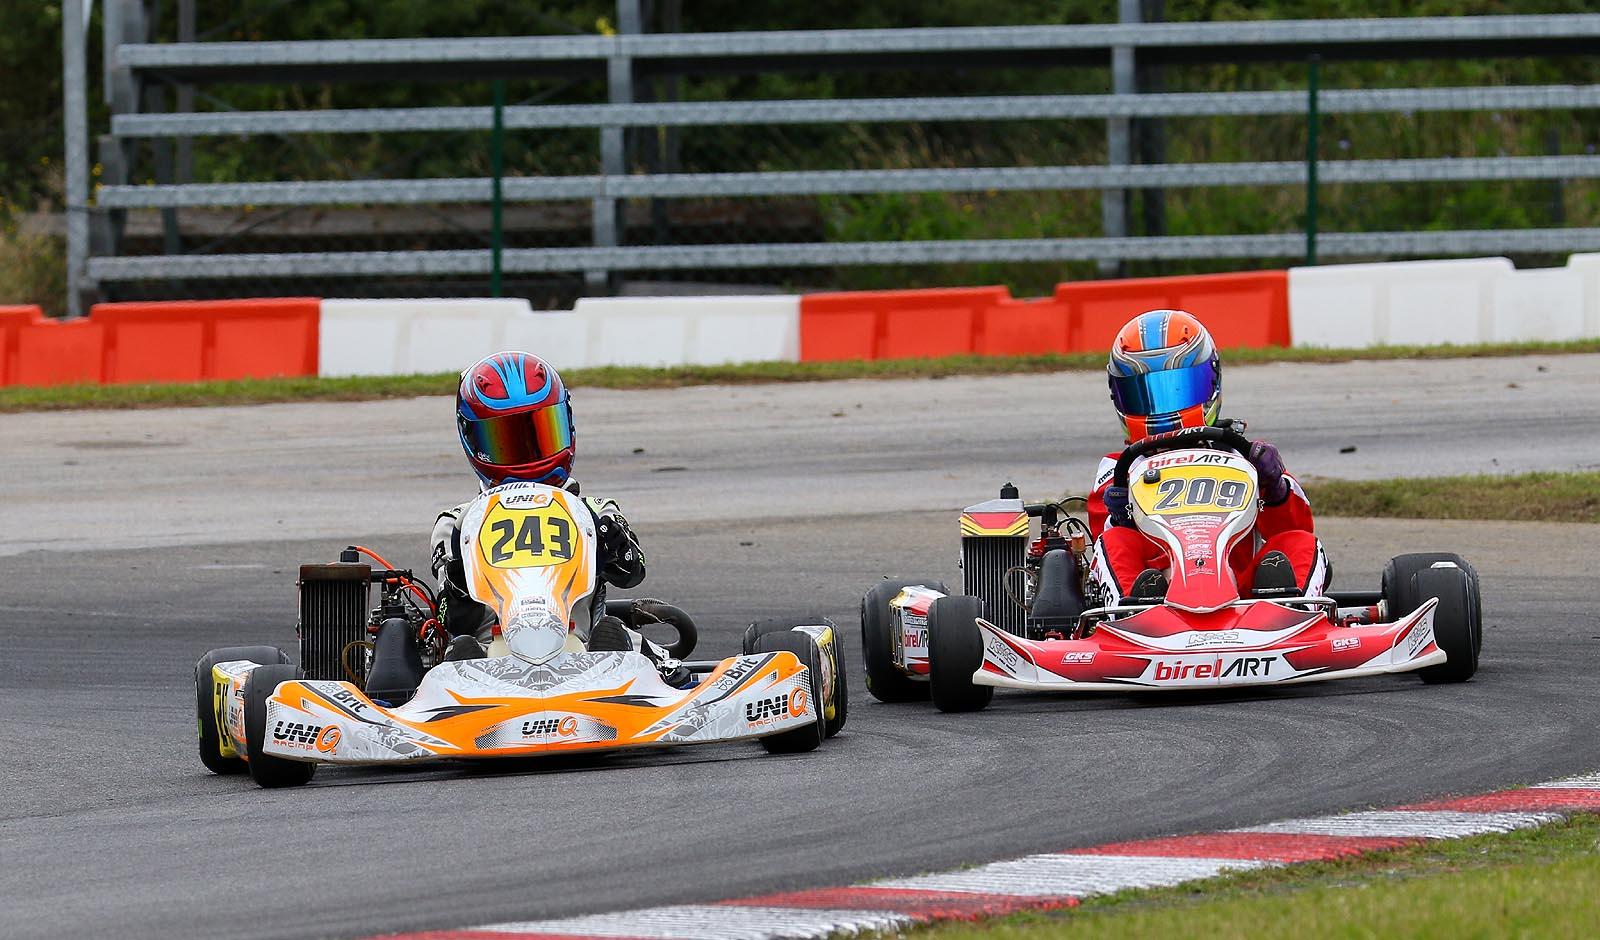 Junior Max Eurofinale